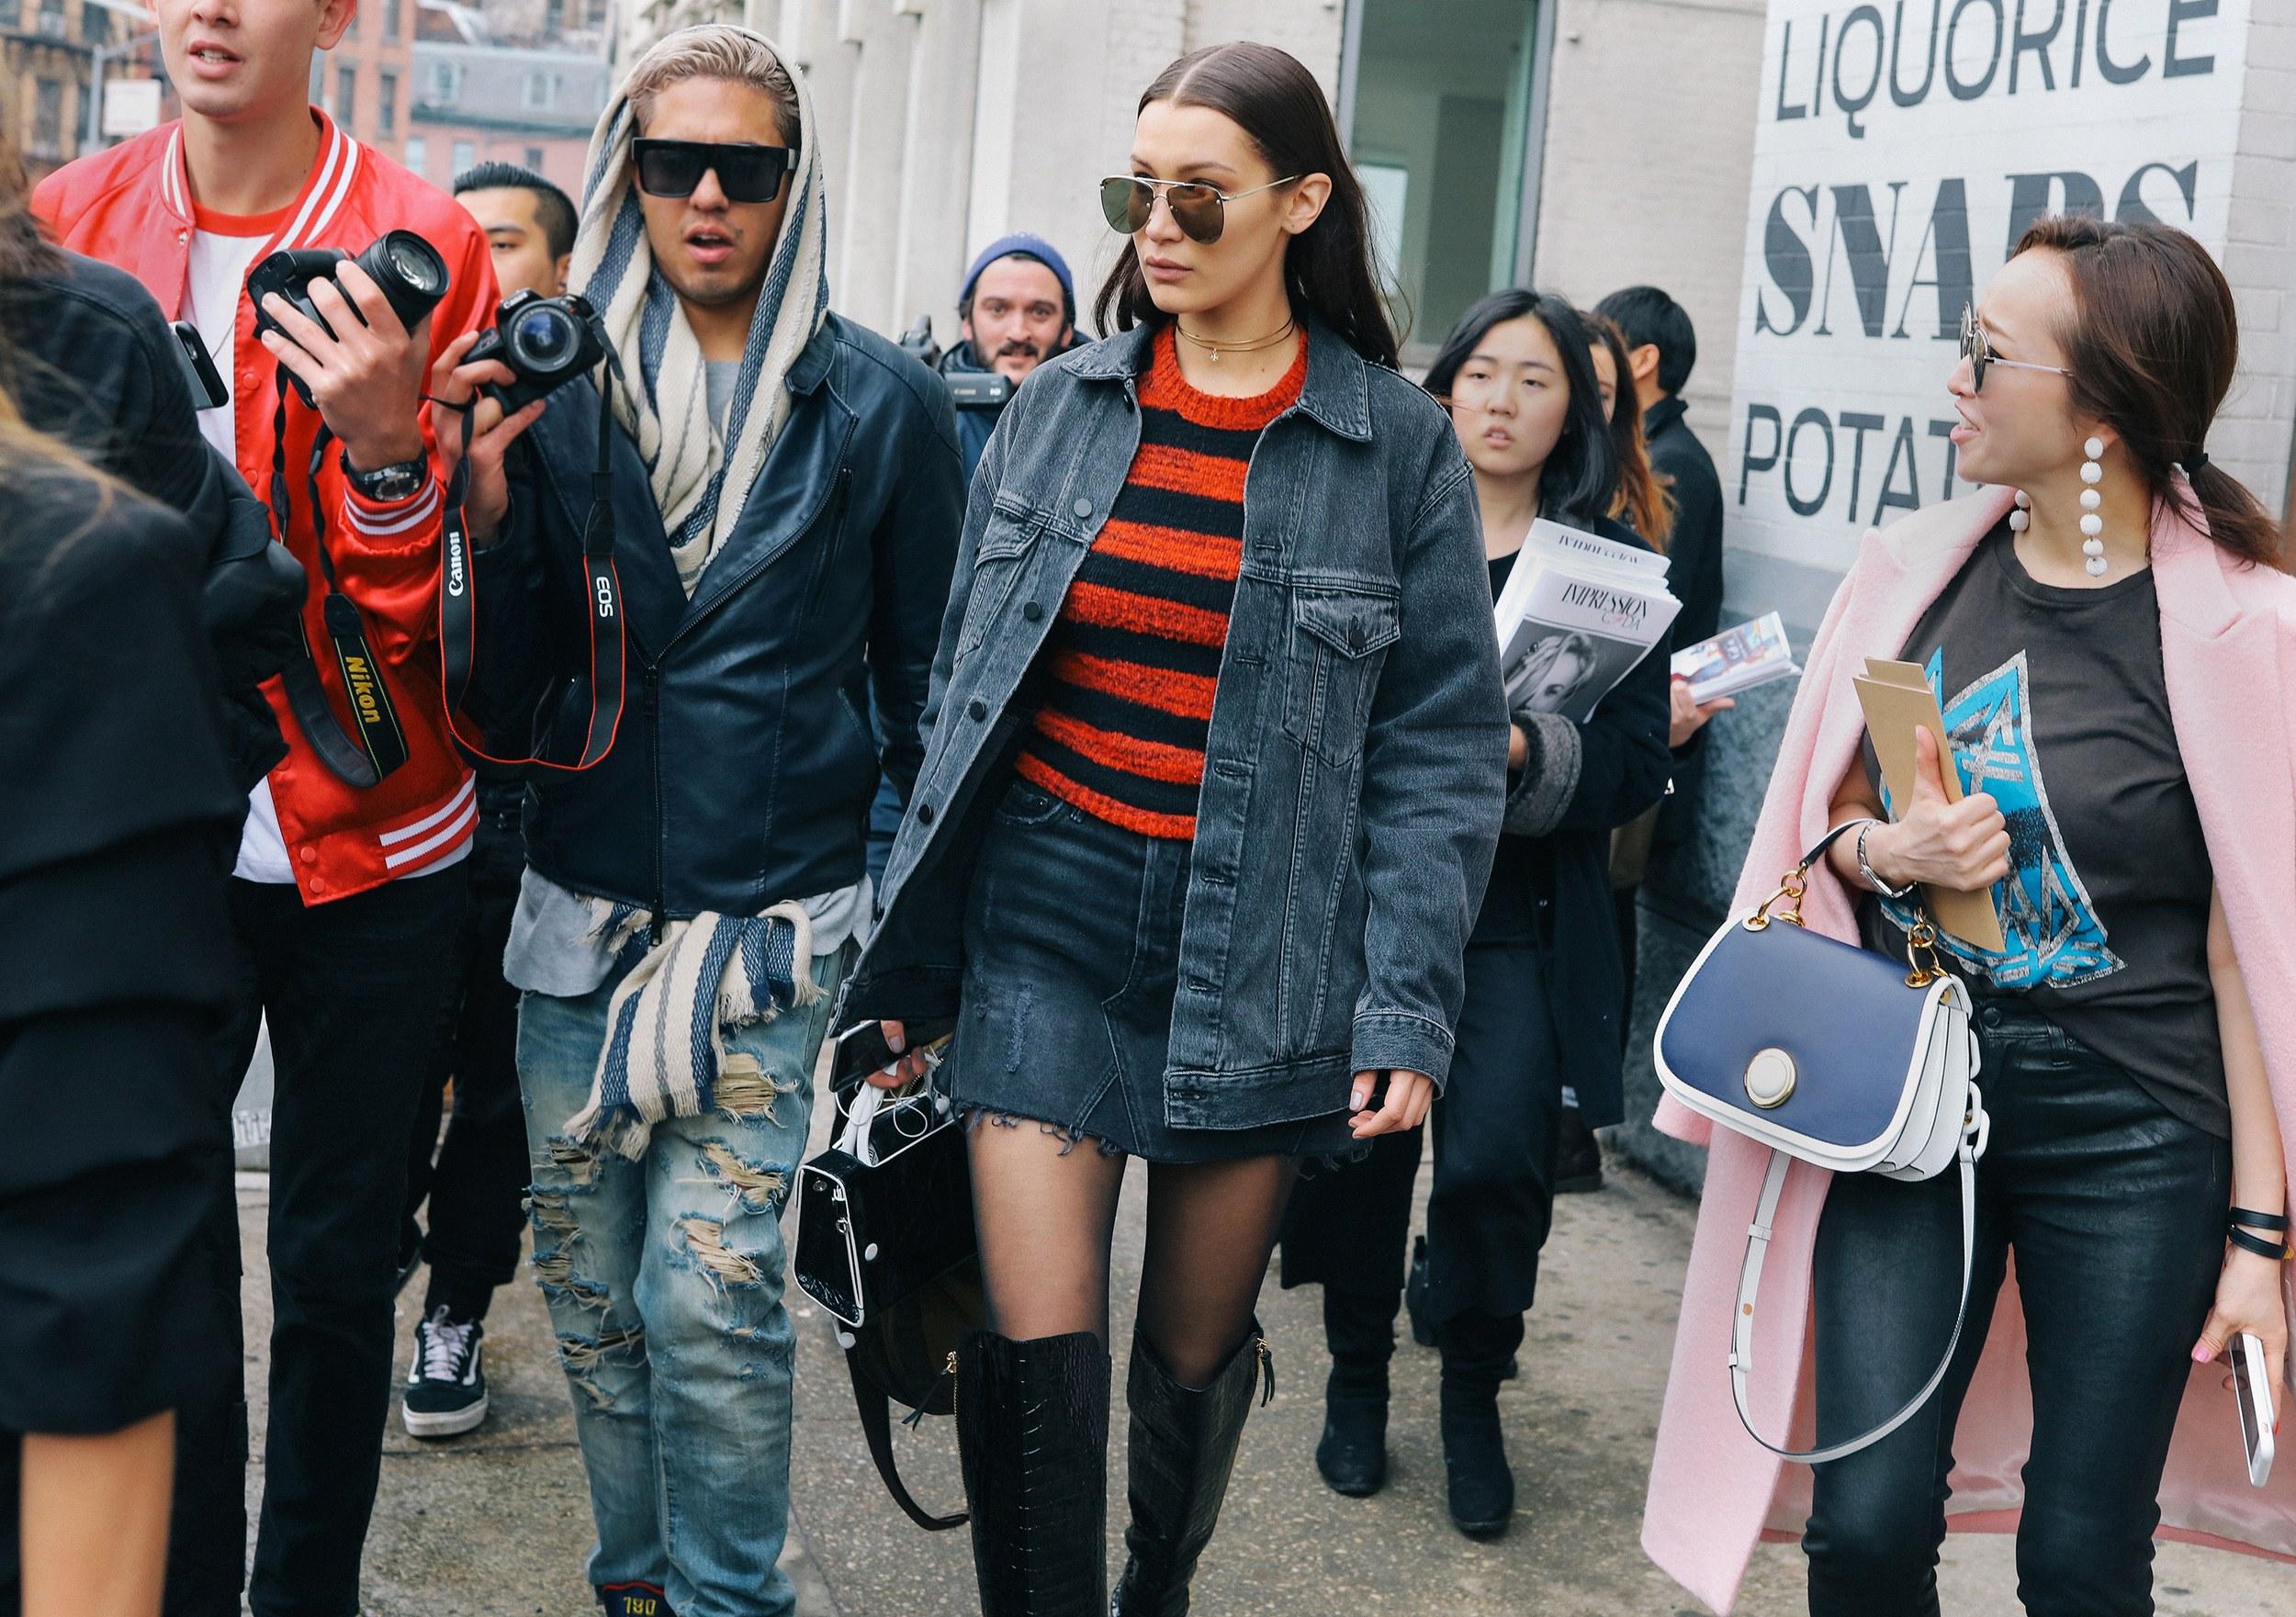 Chiêm ngưỡng đặc sản street style đẹp khó rời mắt tại Tuần lễ thời trang New York - Ảnh 8.